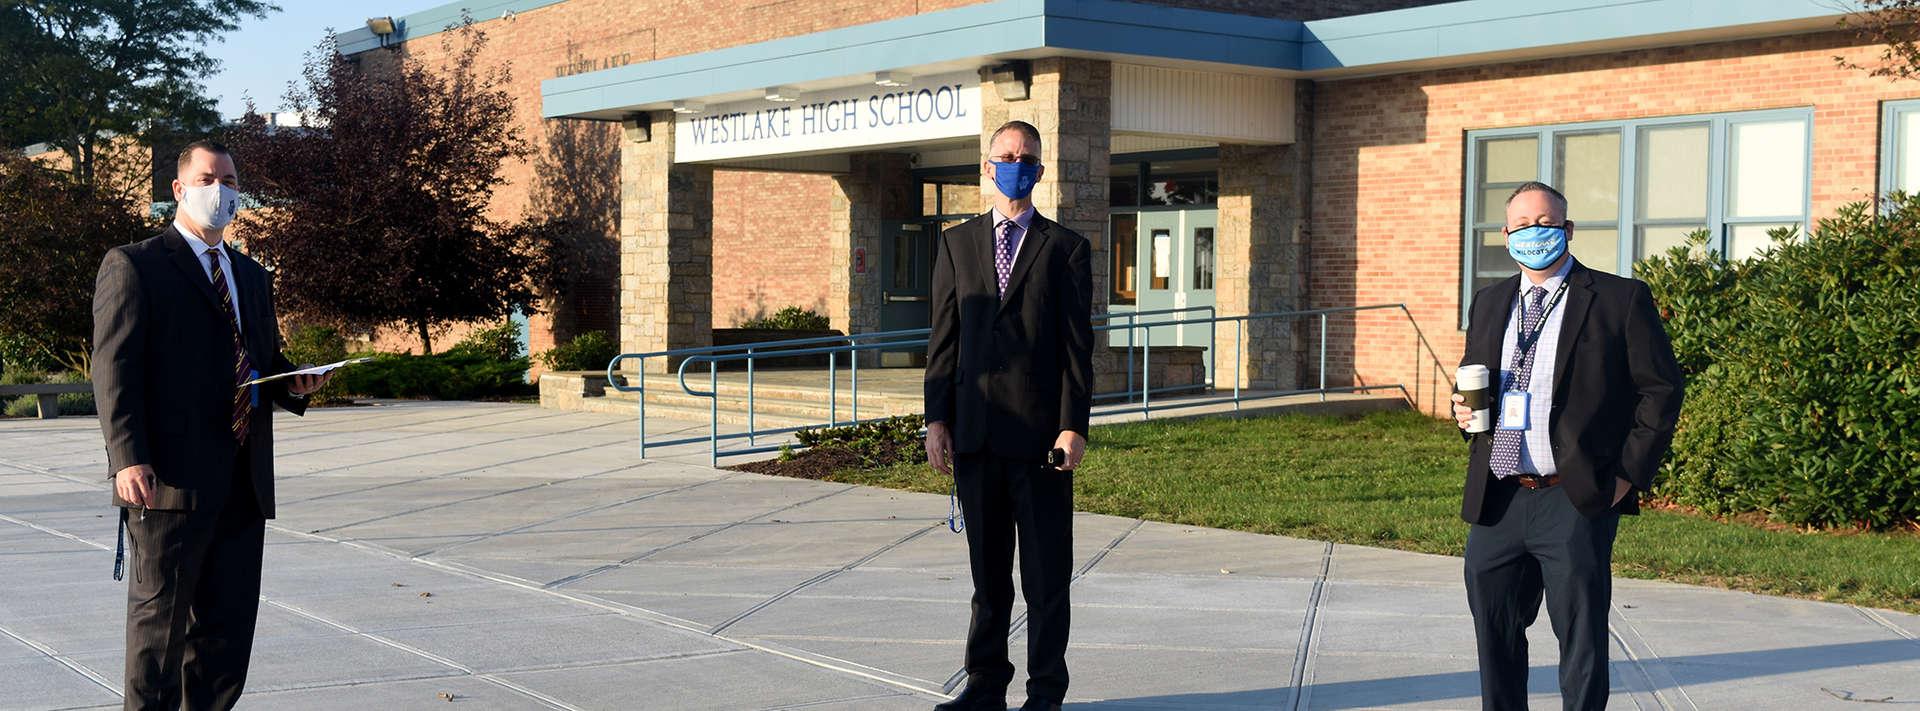 three men standing in front of high school